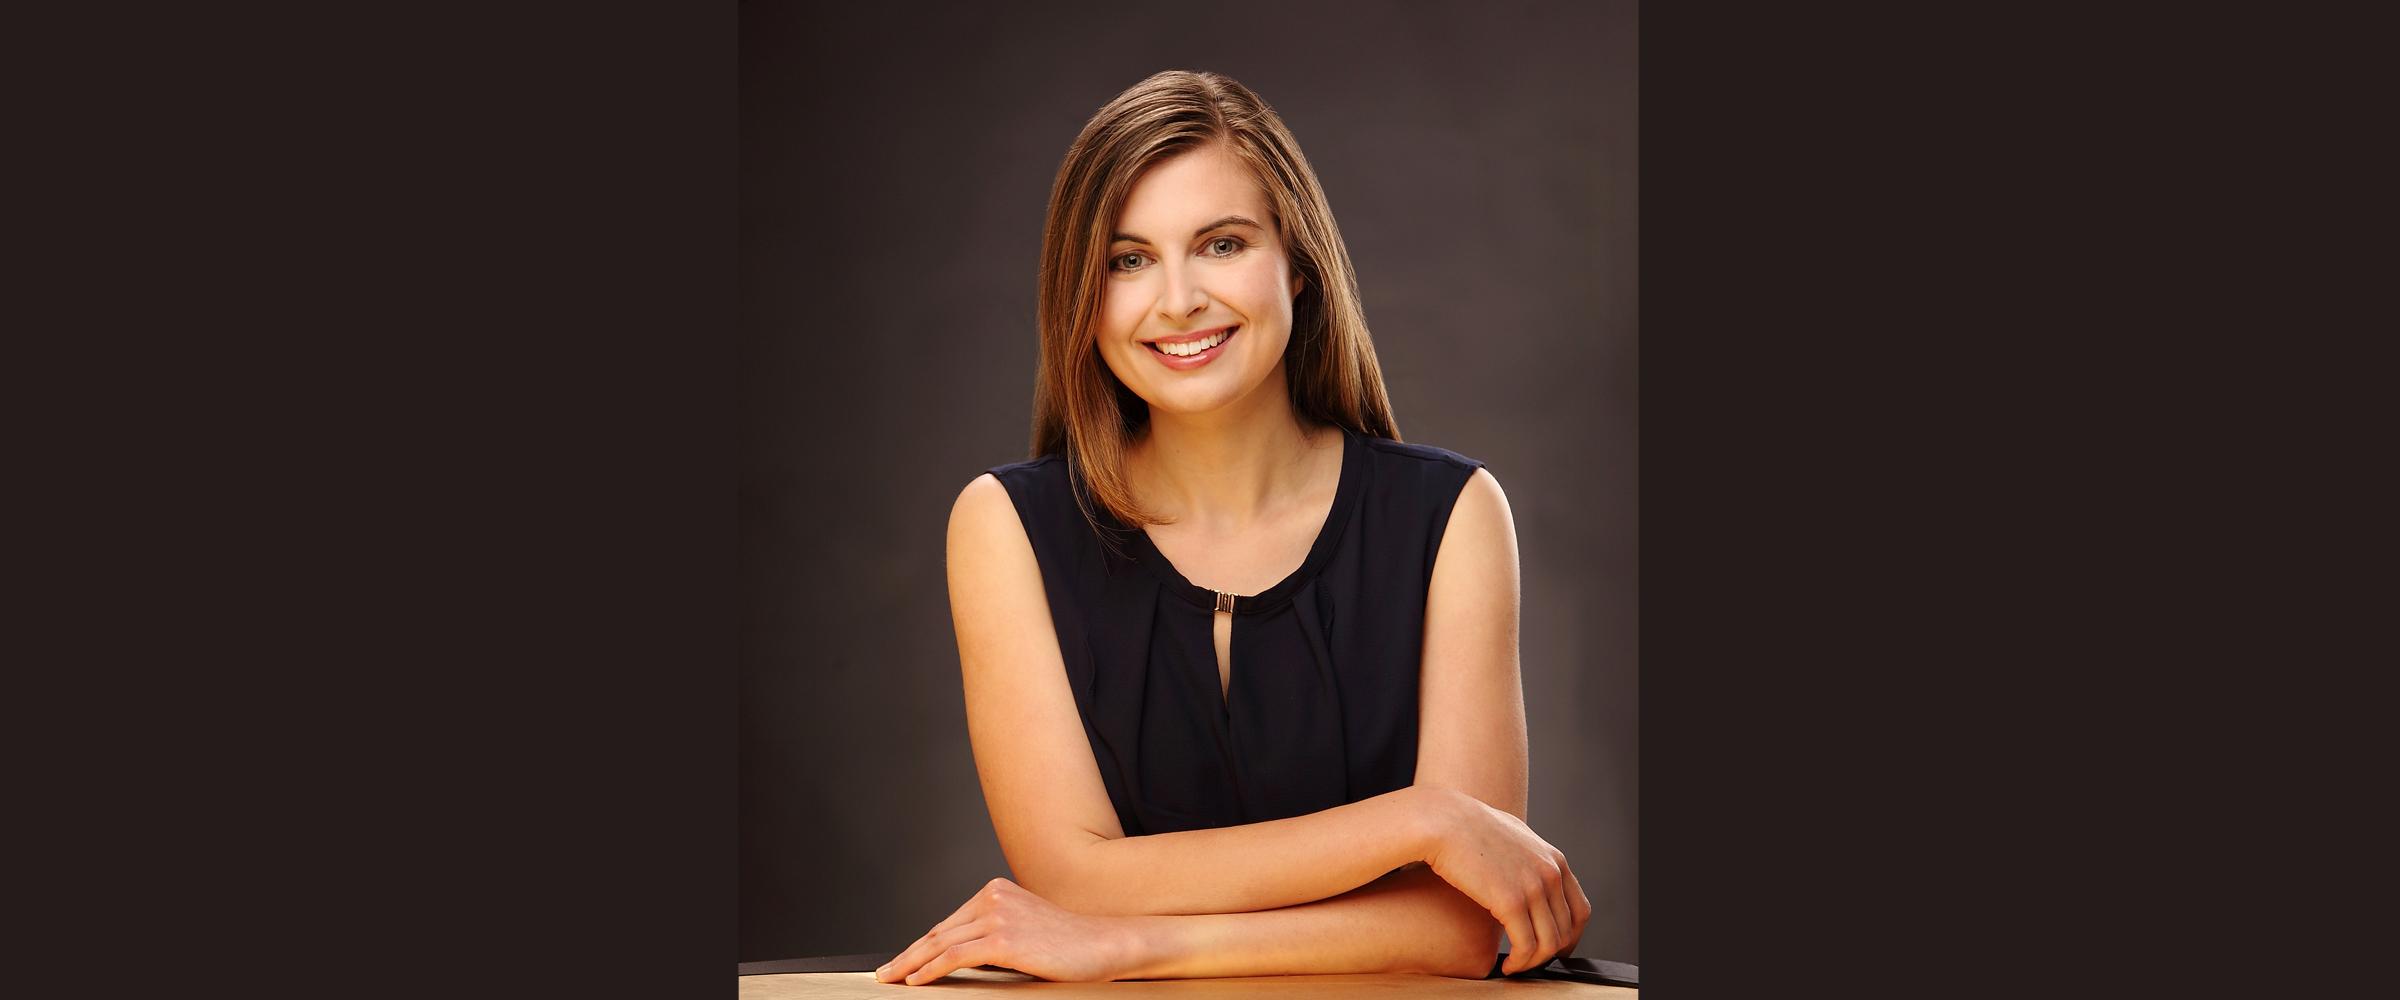 Portrait einer Frau mit freundlichem Lächeln und schwarzer, kurzärmeliger Bluse, die ihre Arme überkreuz auf einer Tischplatte ablegt.